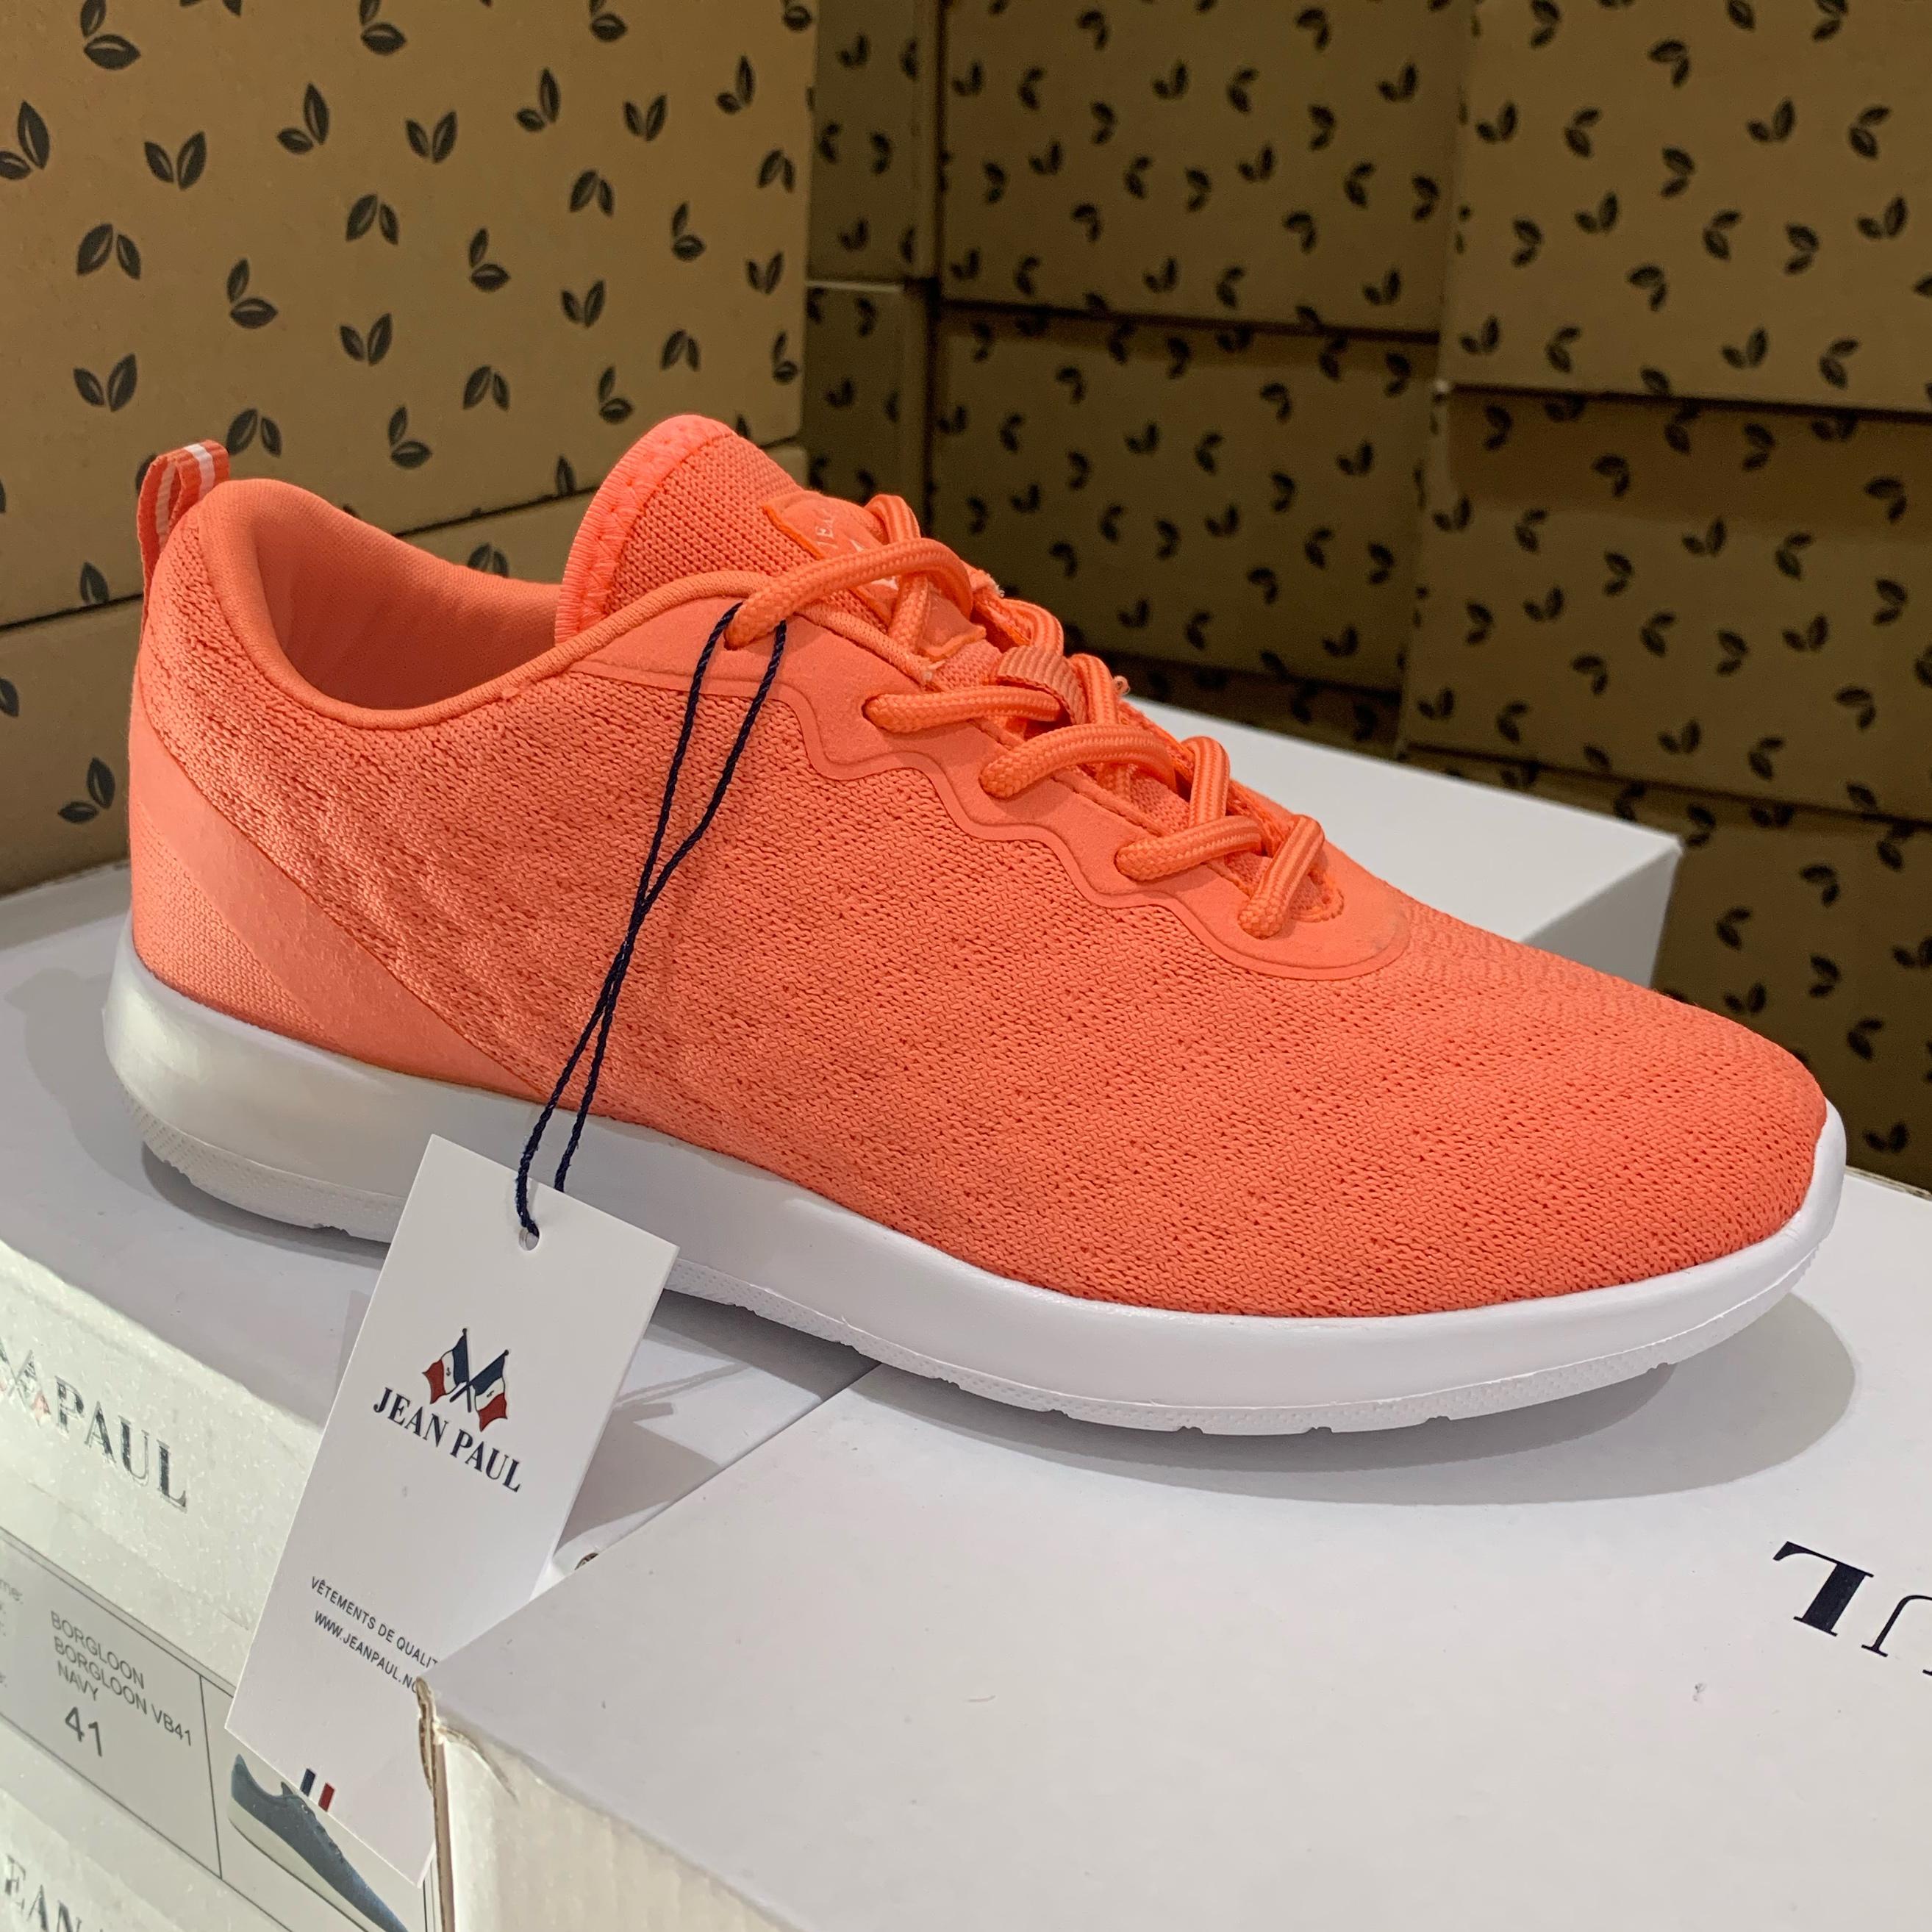 jean paul – fleur ll coral dame sneakers sommersko3